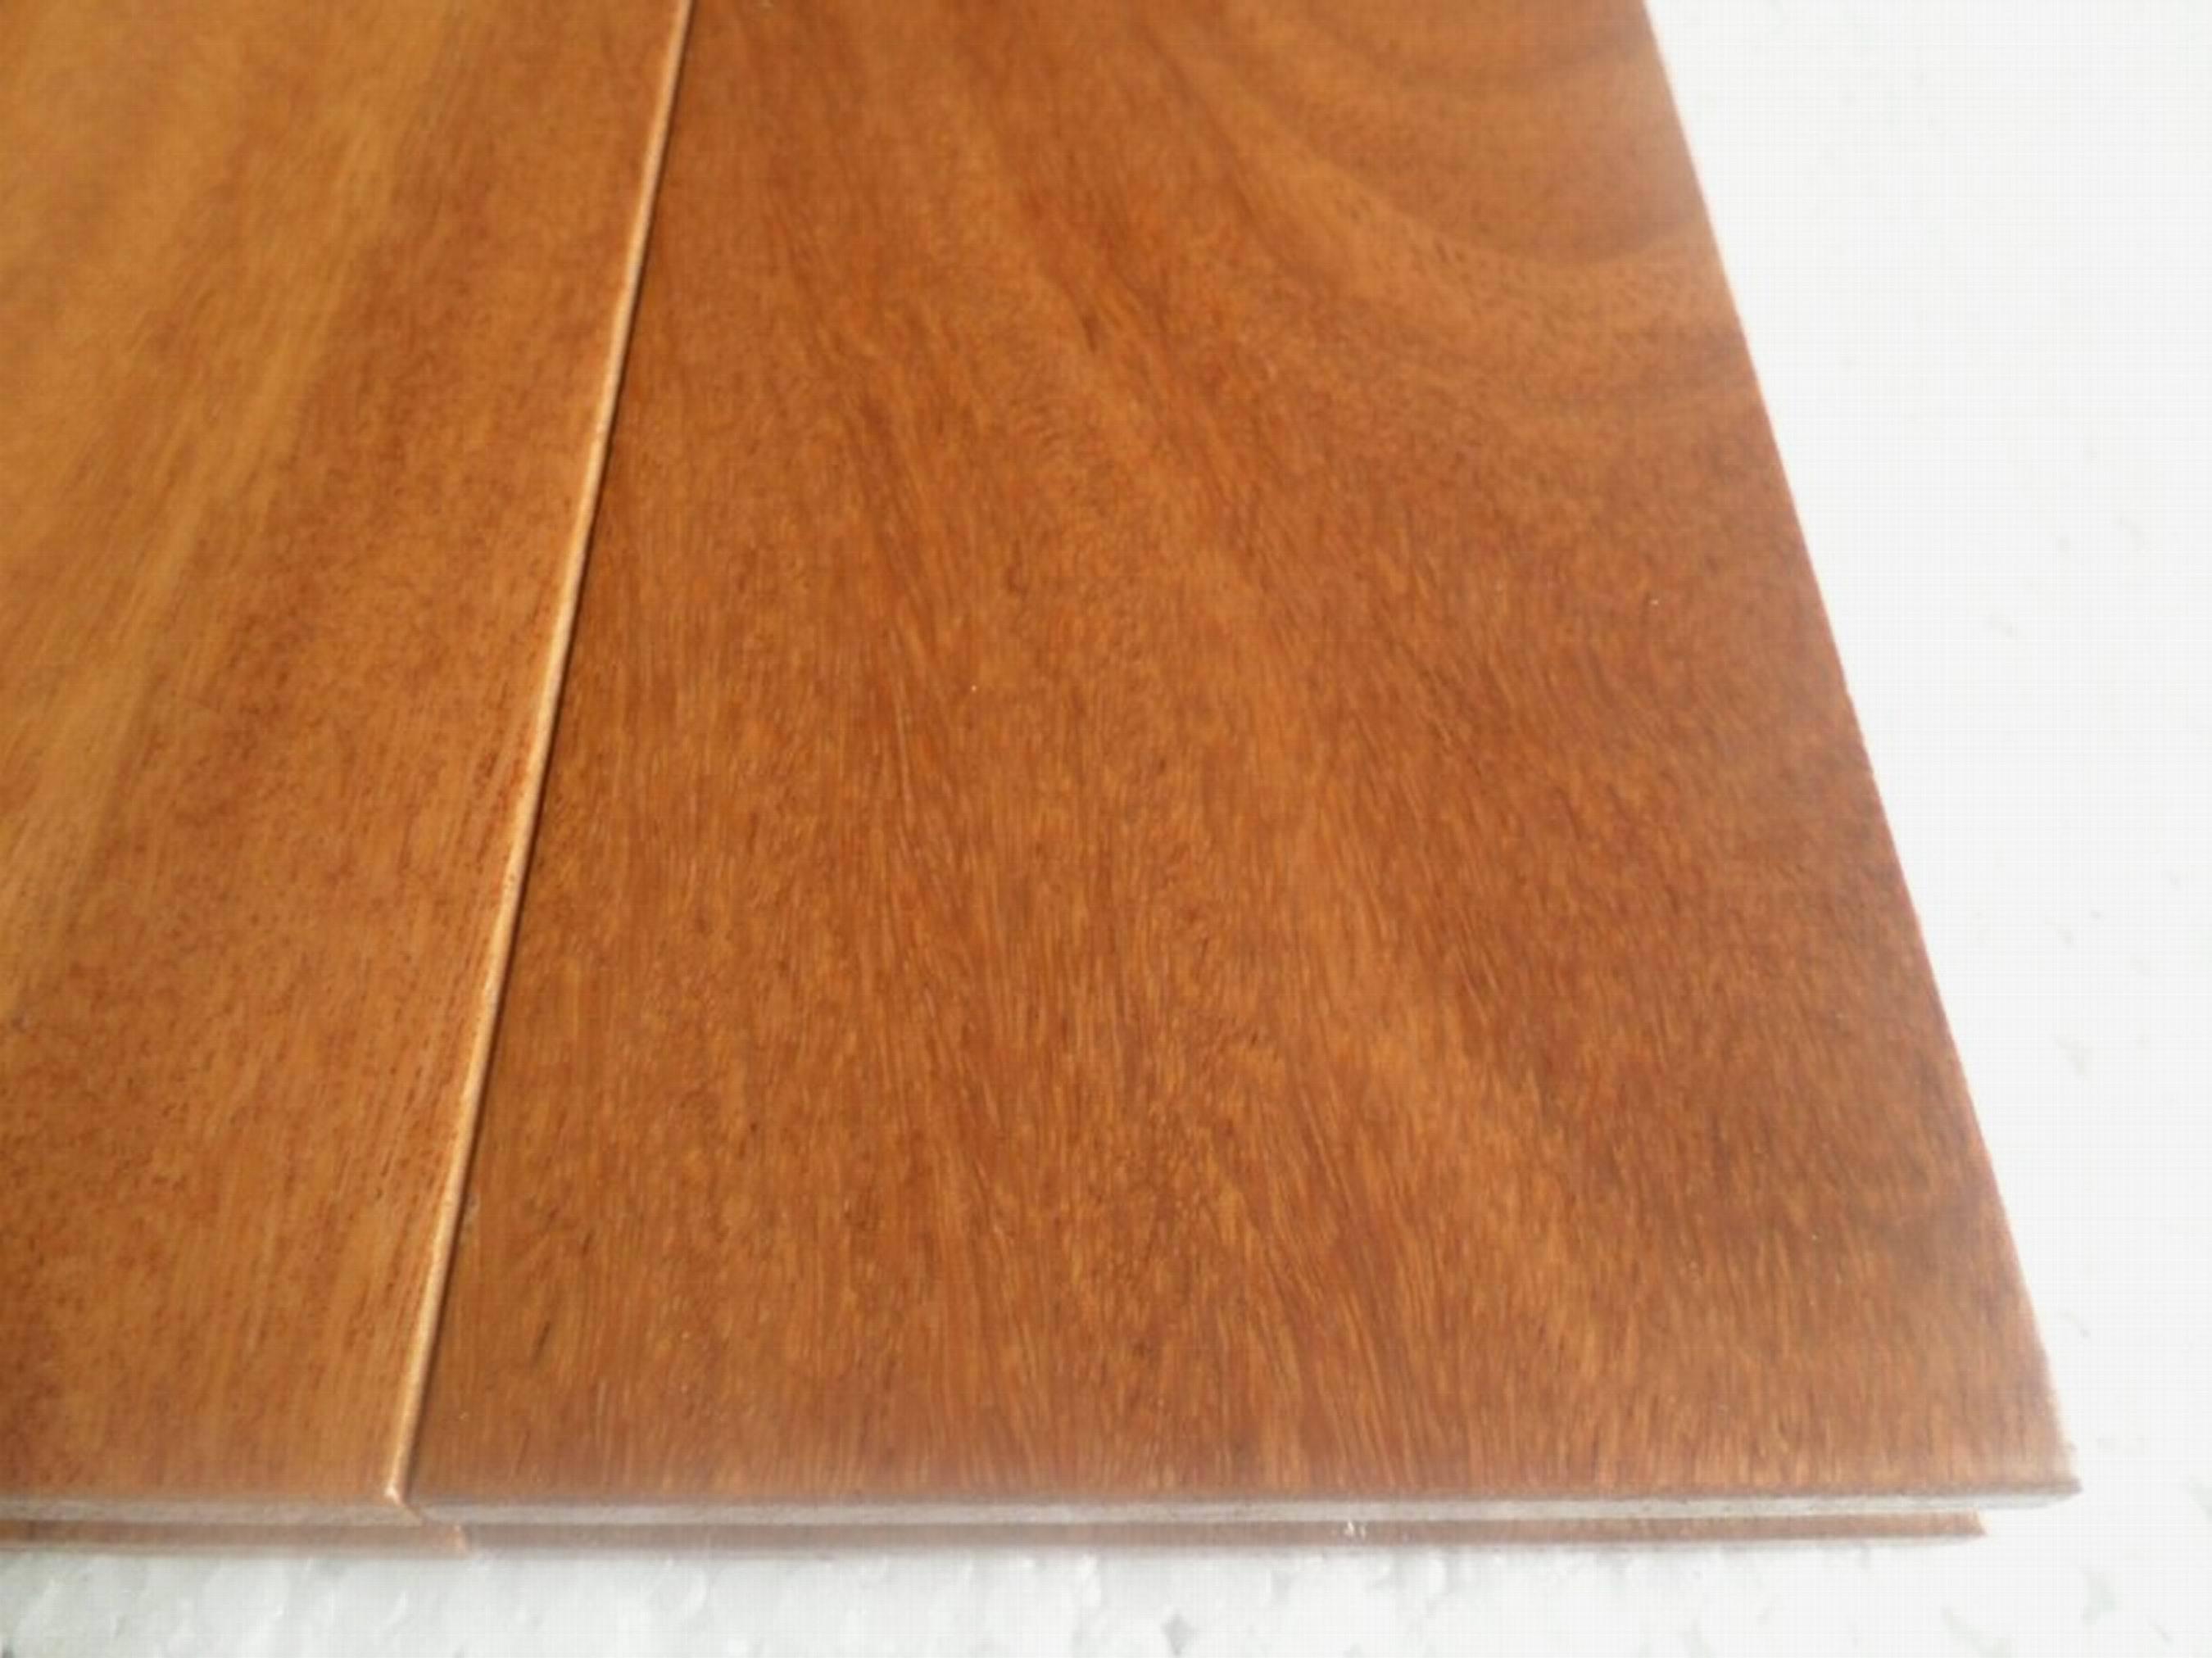 Suelo brasile o de la madera dura del entarimado de la - Mosaico de madera ...